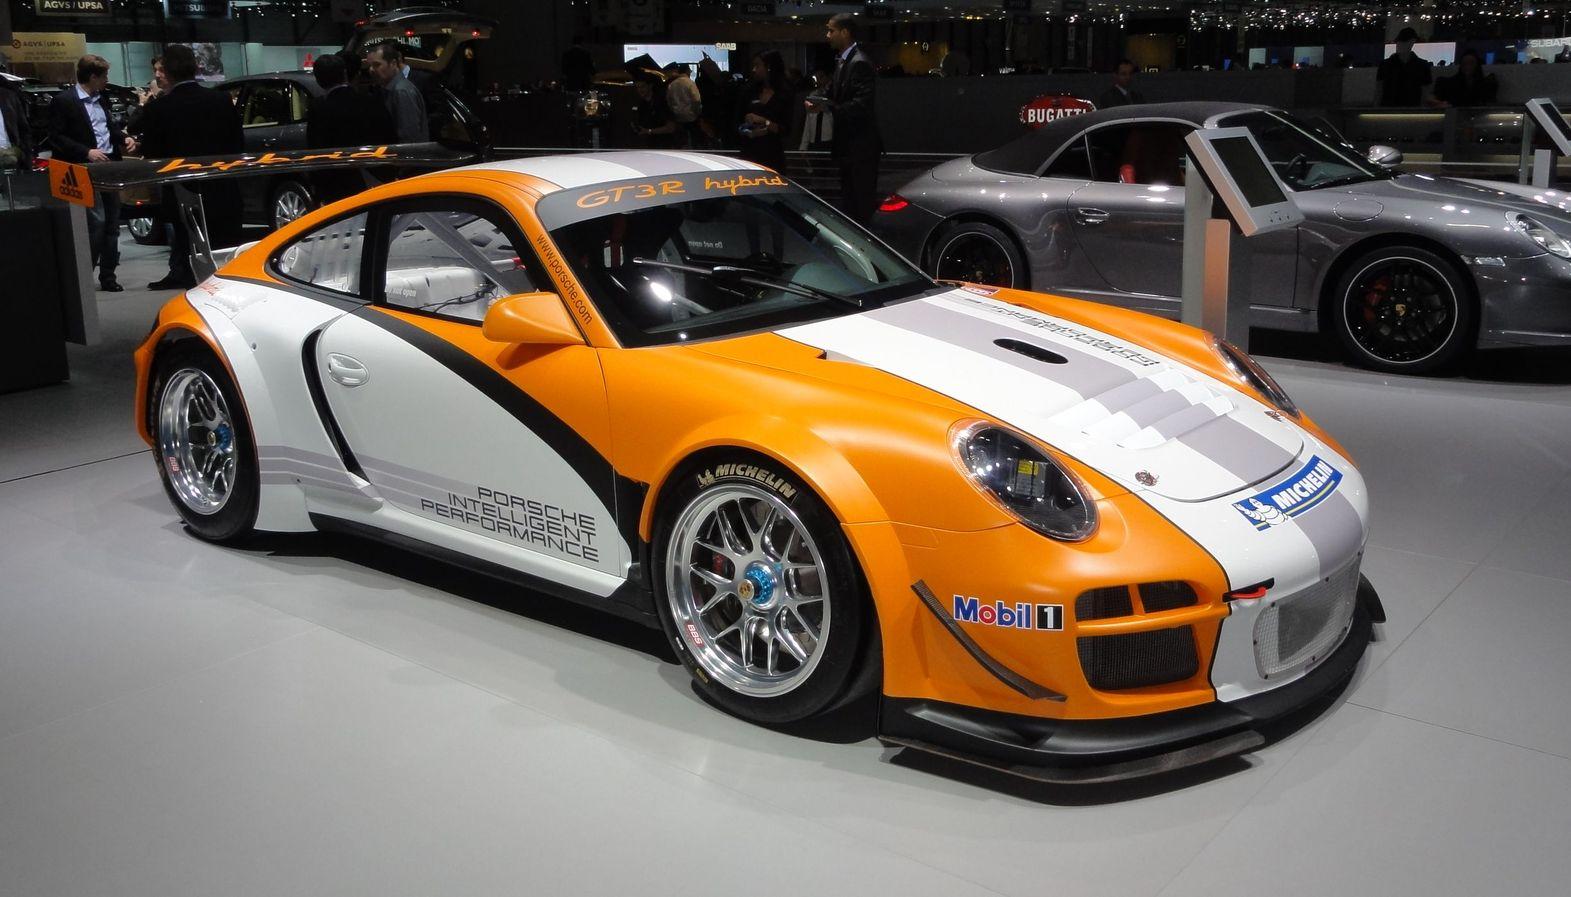 Carro GT3R Hybrid by Spawn Porsche-gt3r-hybrid-(allemagne)-salon-automobile-de-geneve-mars-2011--8070